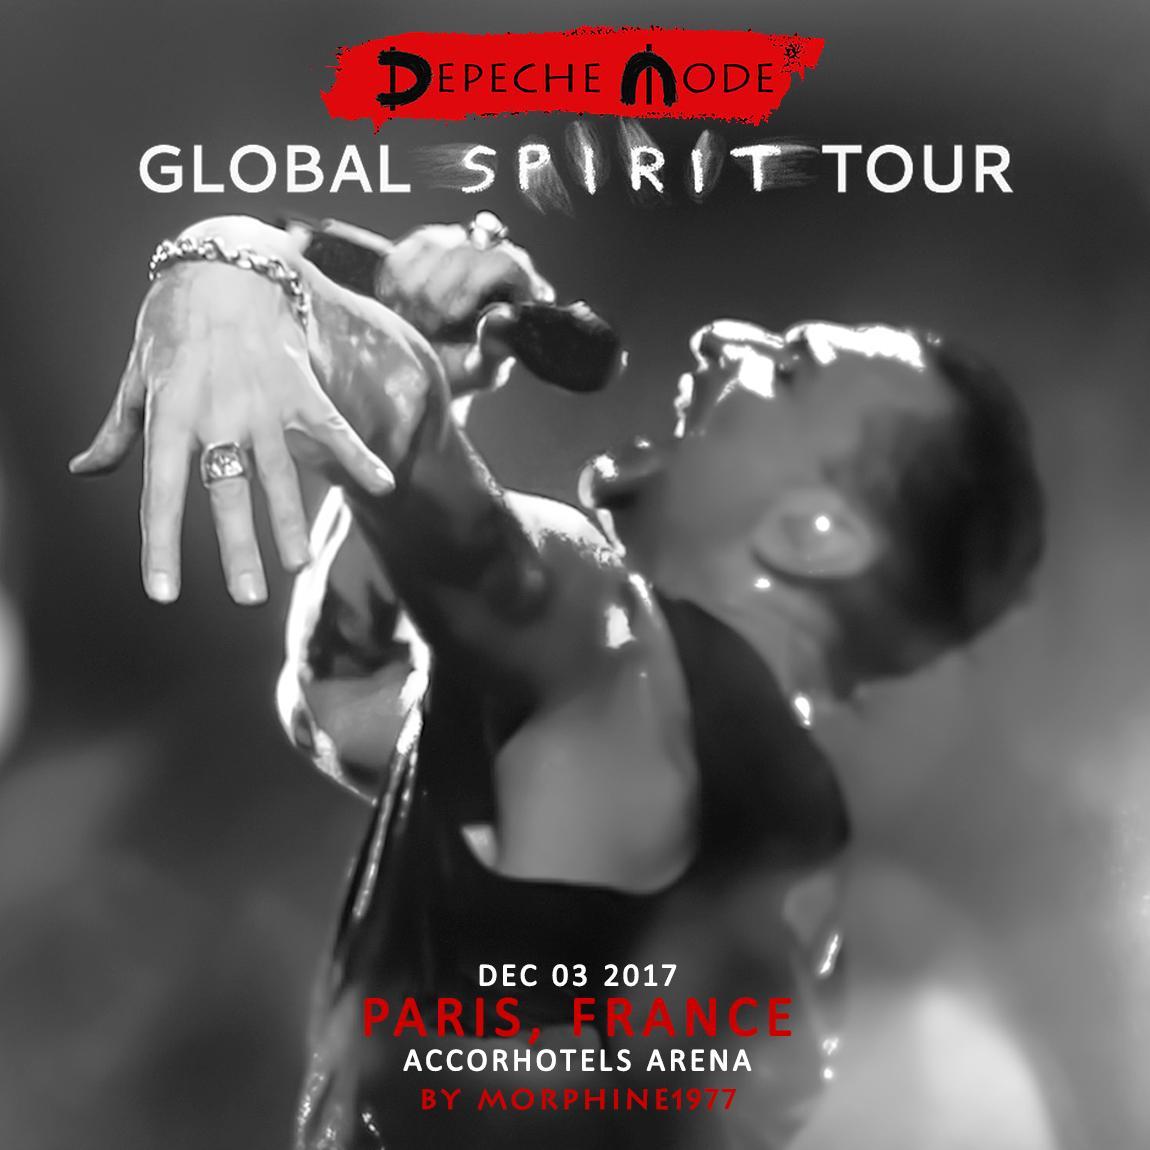 2017/12/03 - Paris - AccorHotels Arena - 1er jour - 2ème version